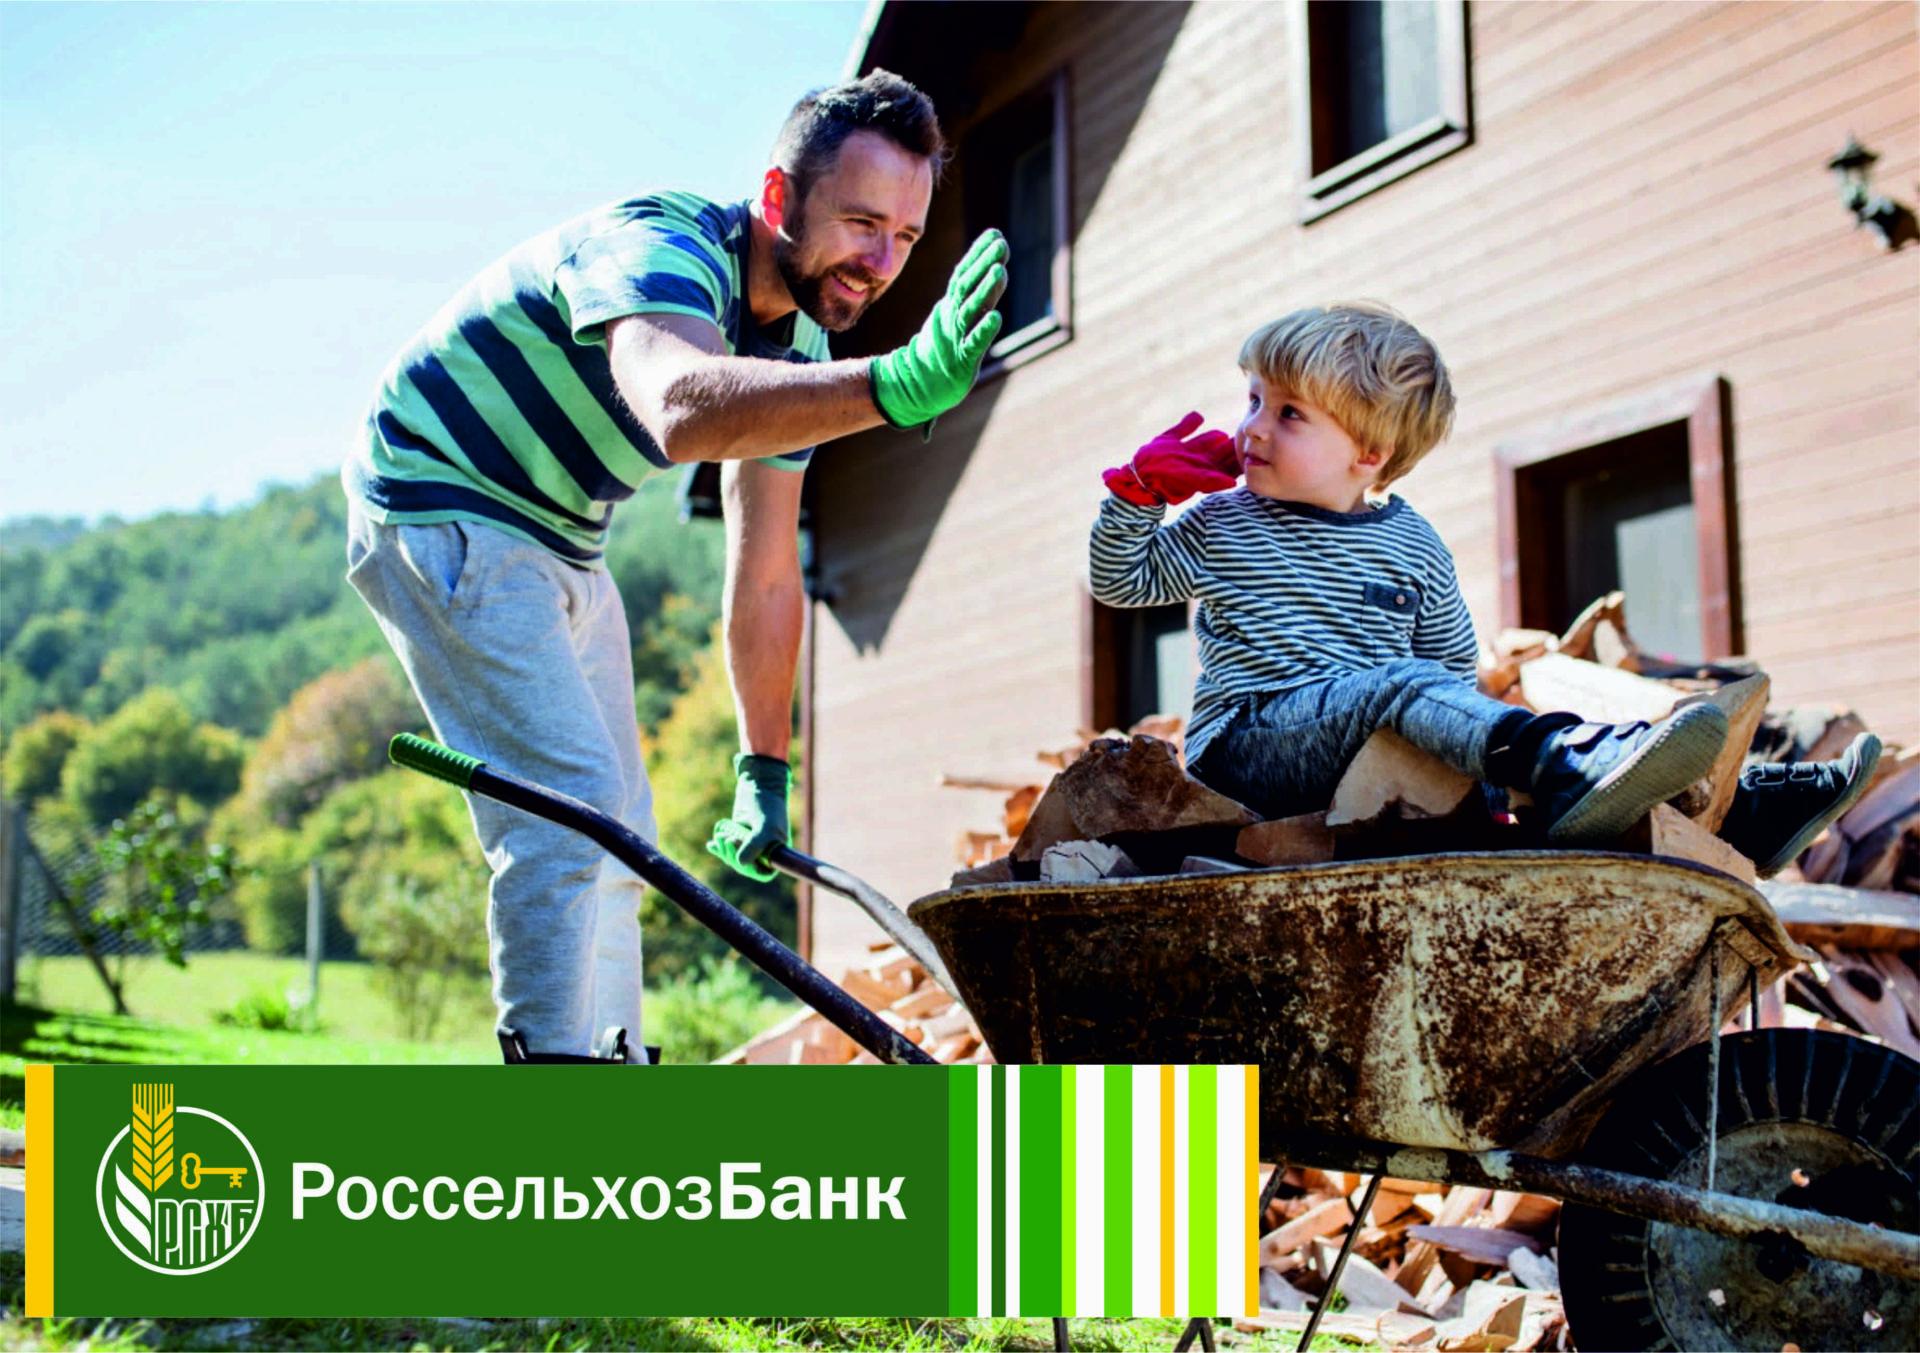 РСХБ для селян: сельская ипотека, потребительский кредит с государственной поддержкой и рефинансирование